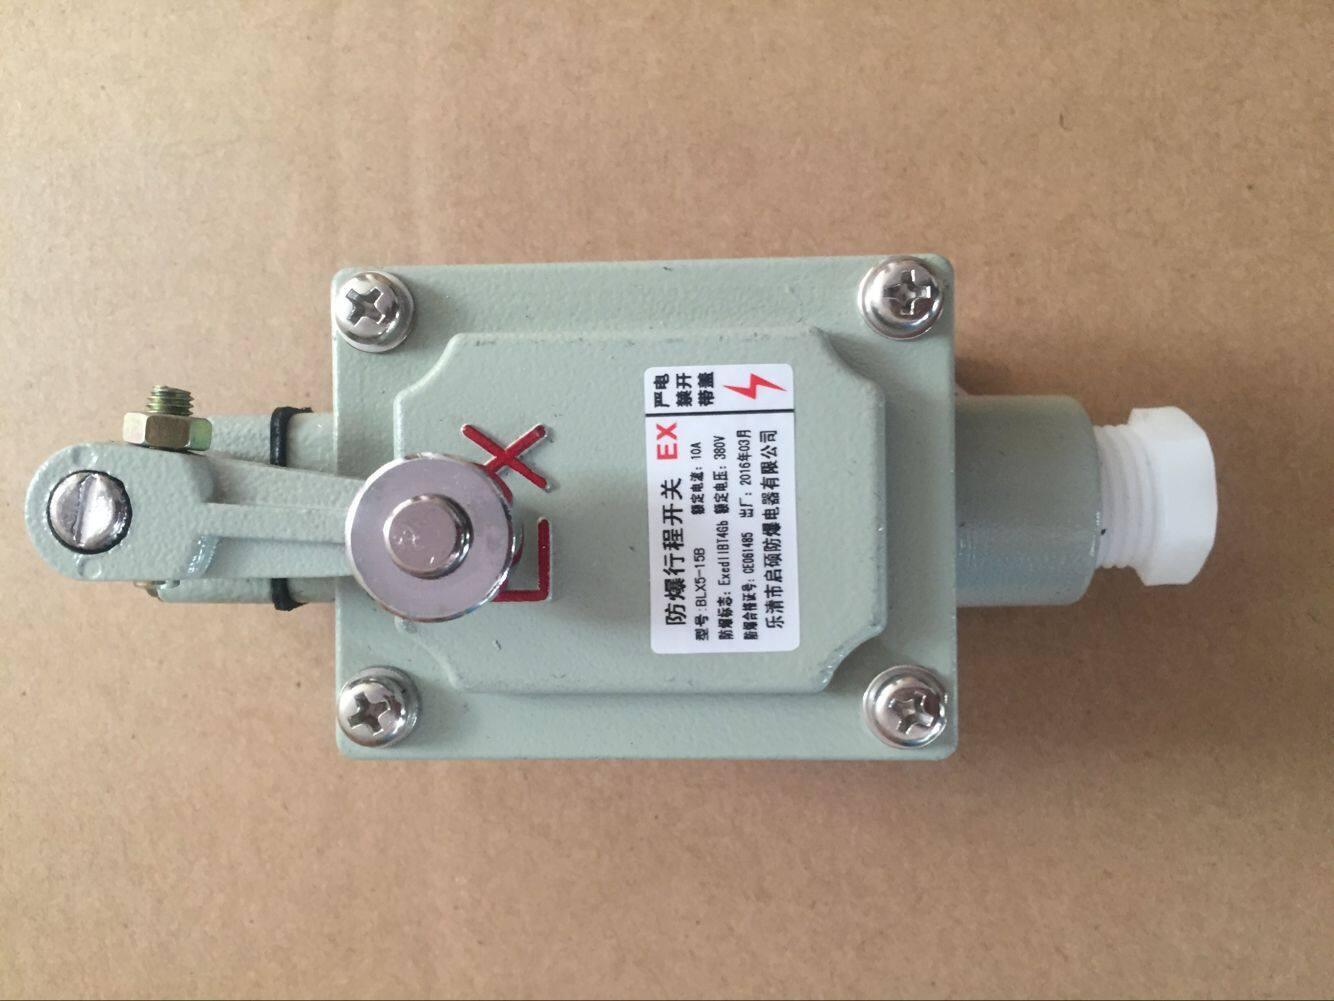 2,内装lx19行程开关.  3,钢管或电缆布线均可.